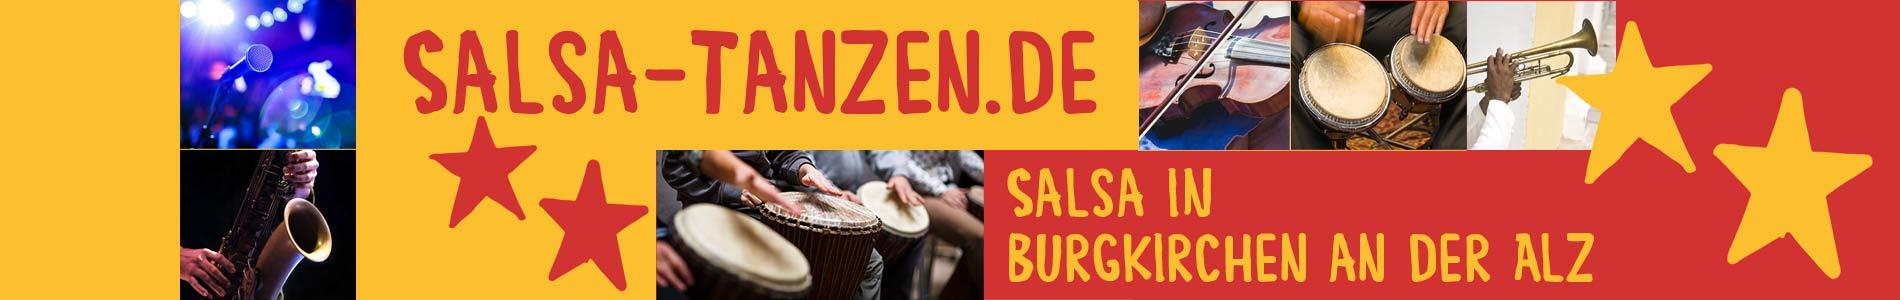 Salsa in Burgkirchen an der Alz – Salsa lernen und tanzen, Tanzkurse, Partys, Veranstaltungen